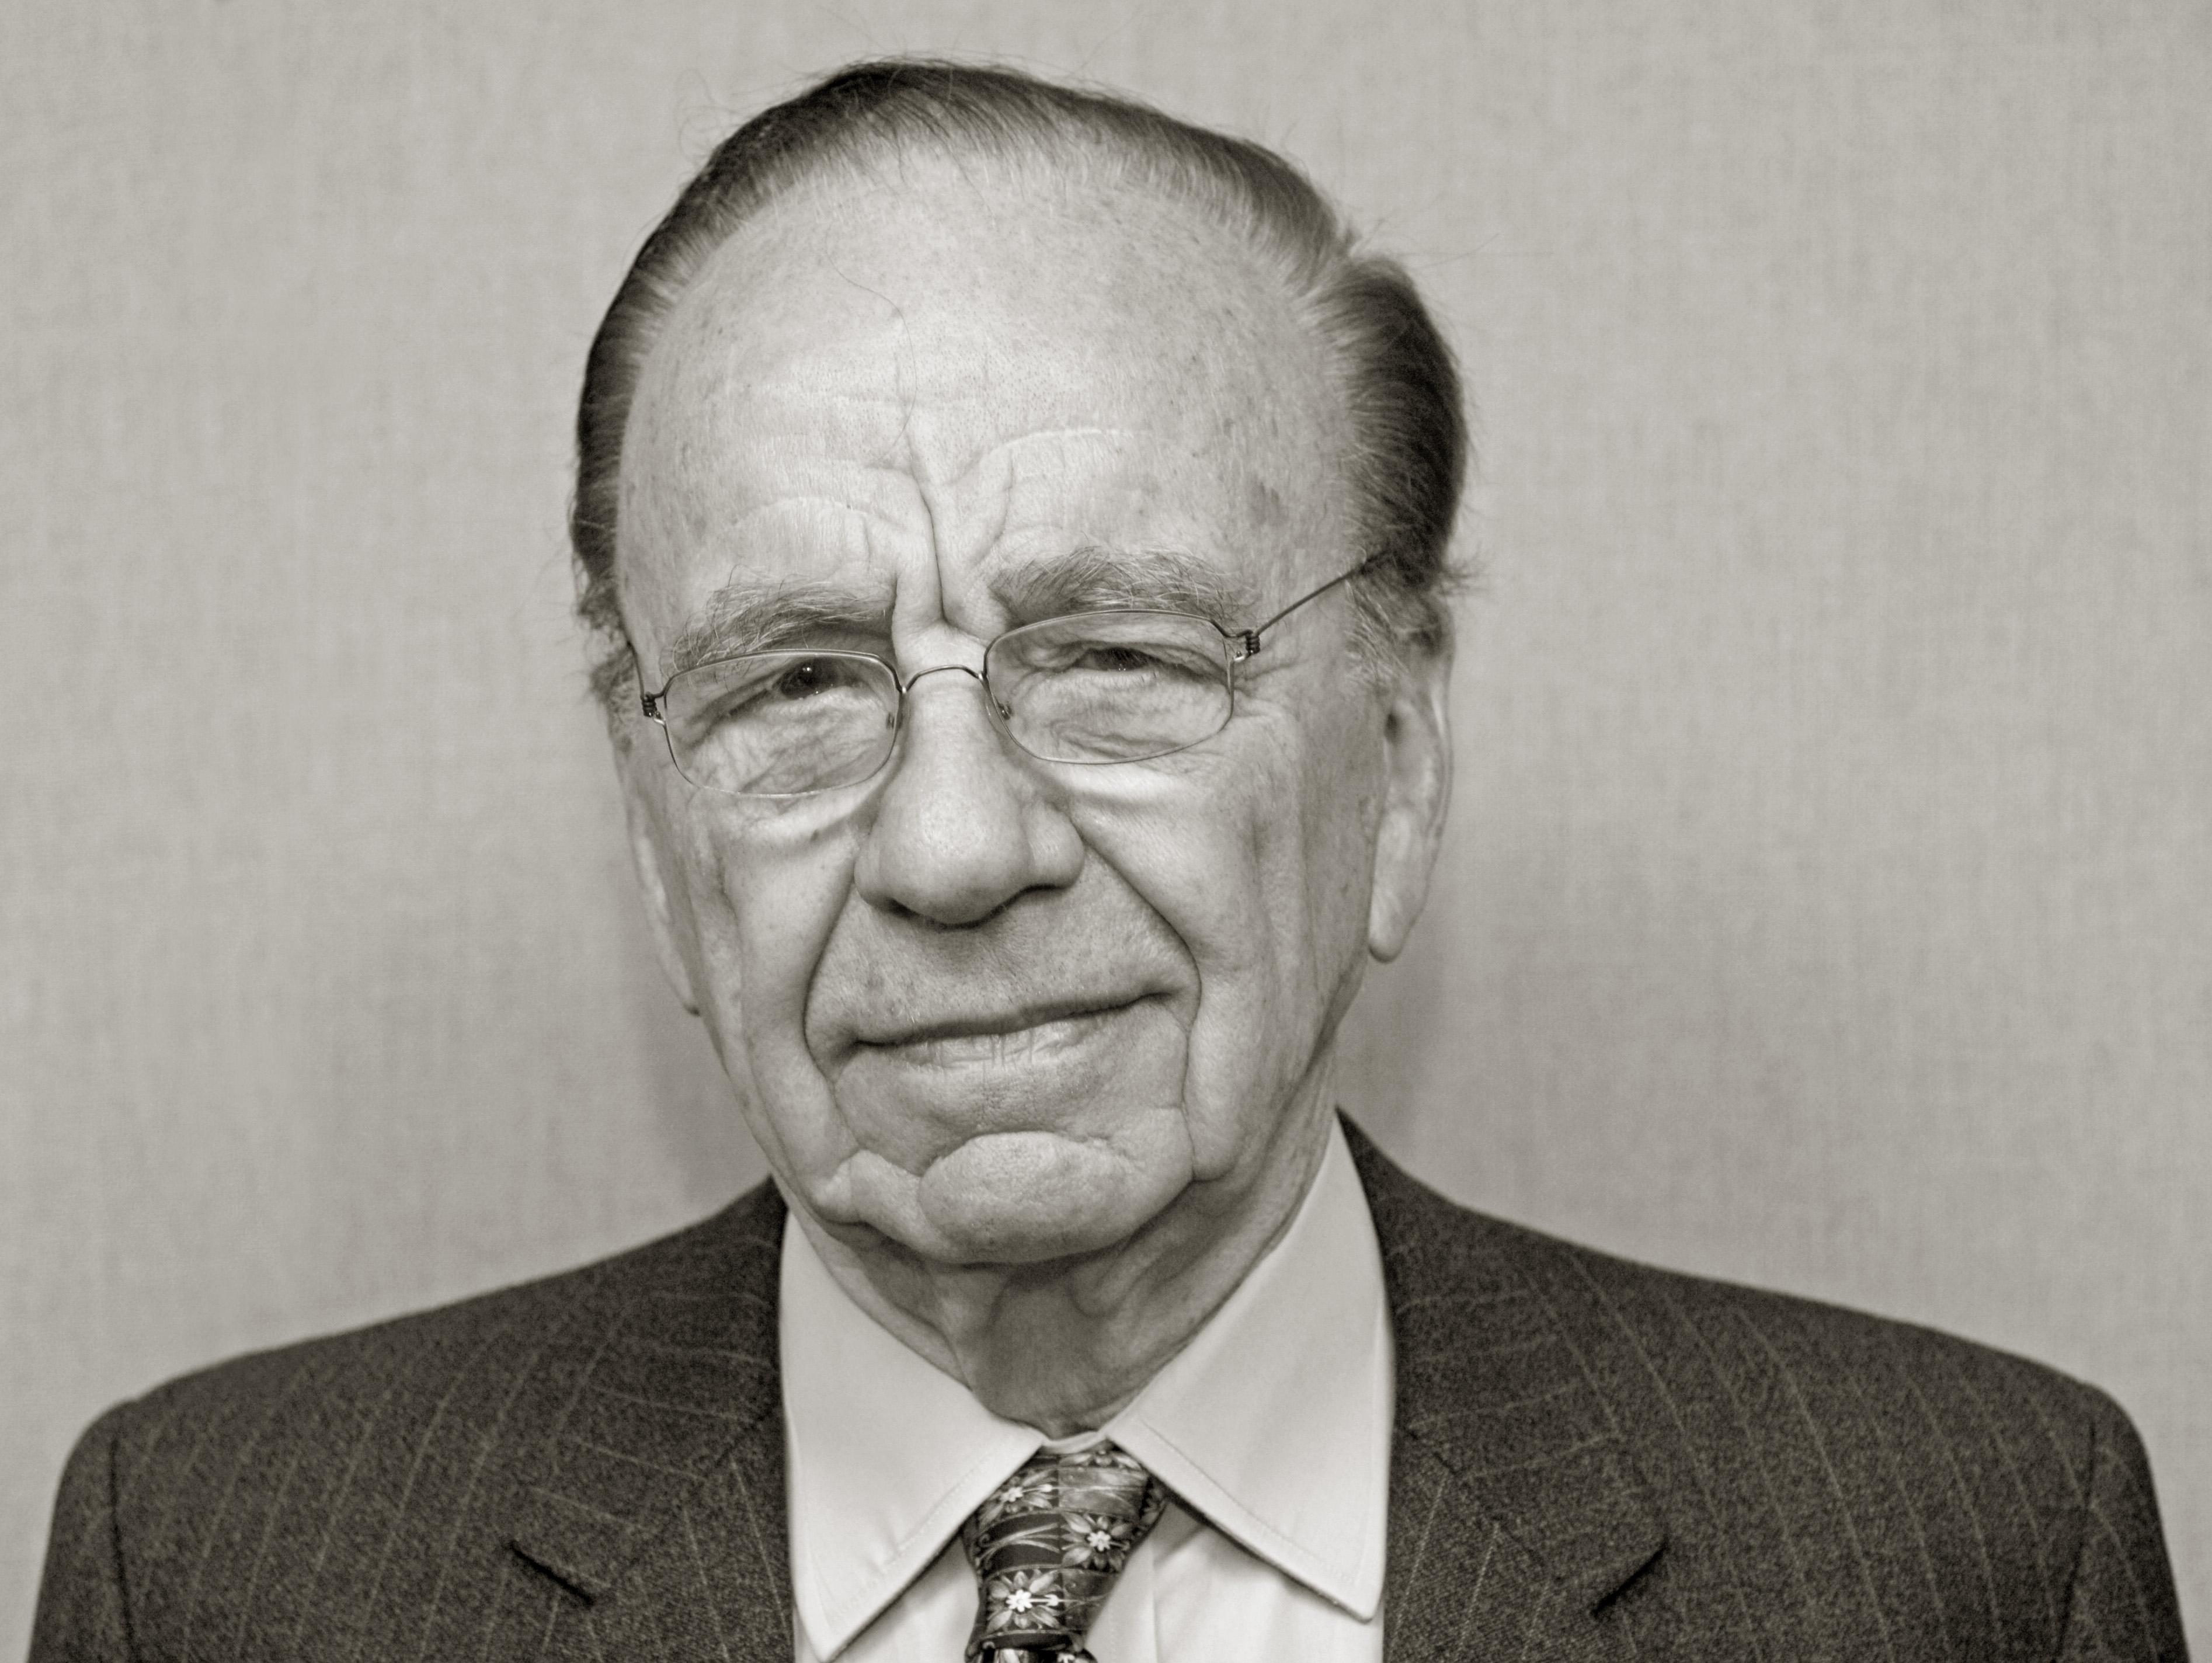 What can Rupert Murdoch learn from Warren Buffett?